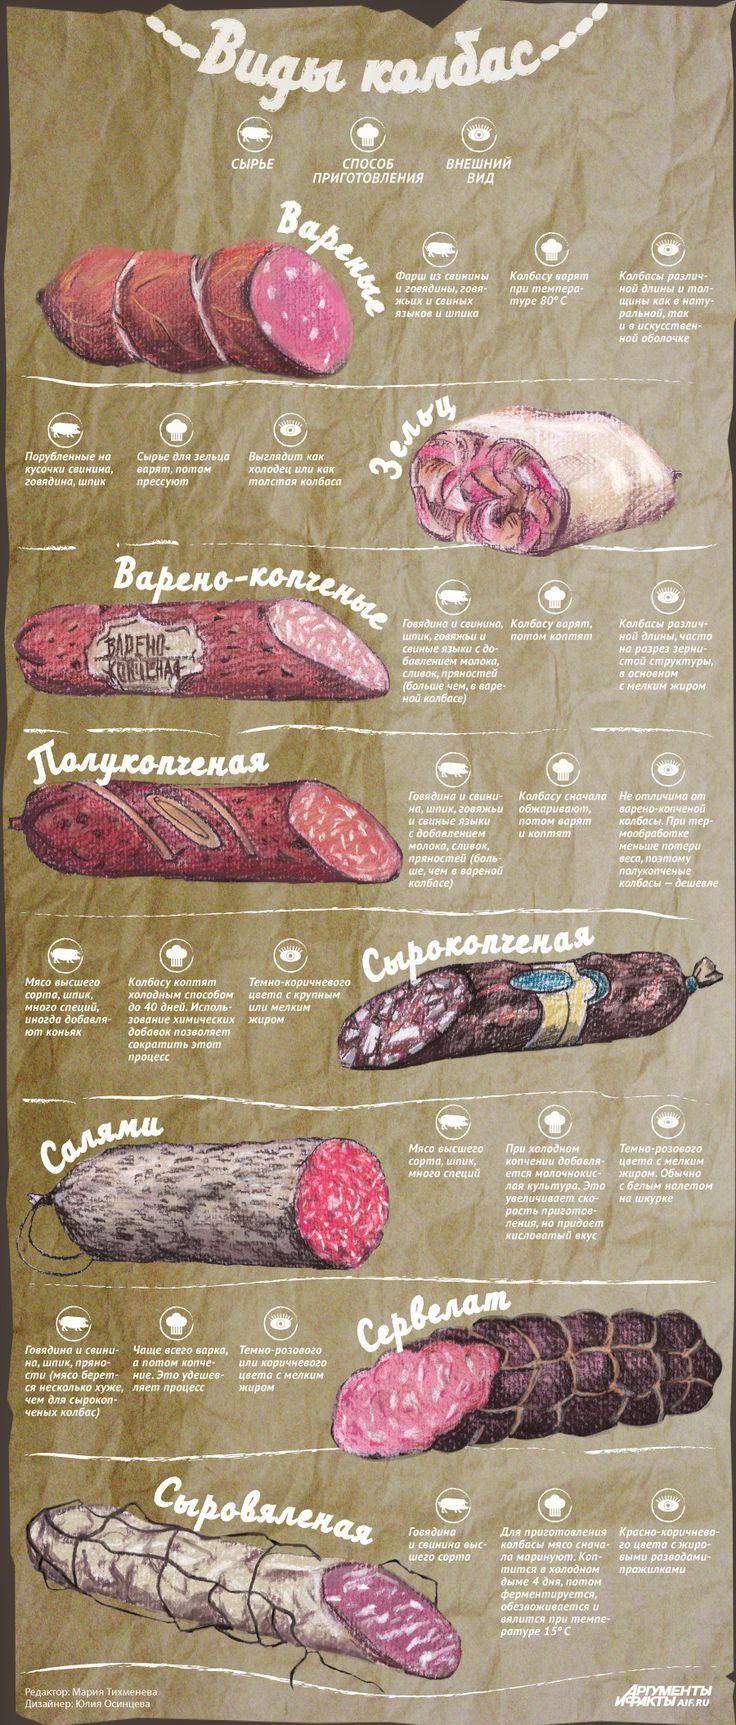 Копченая и вяленая. Какими бывают колбасы и чем они отличаются